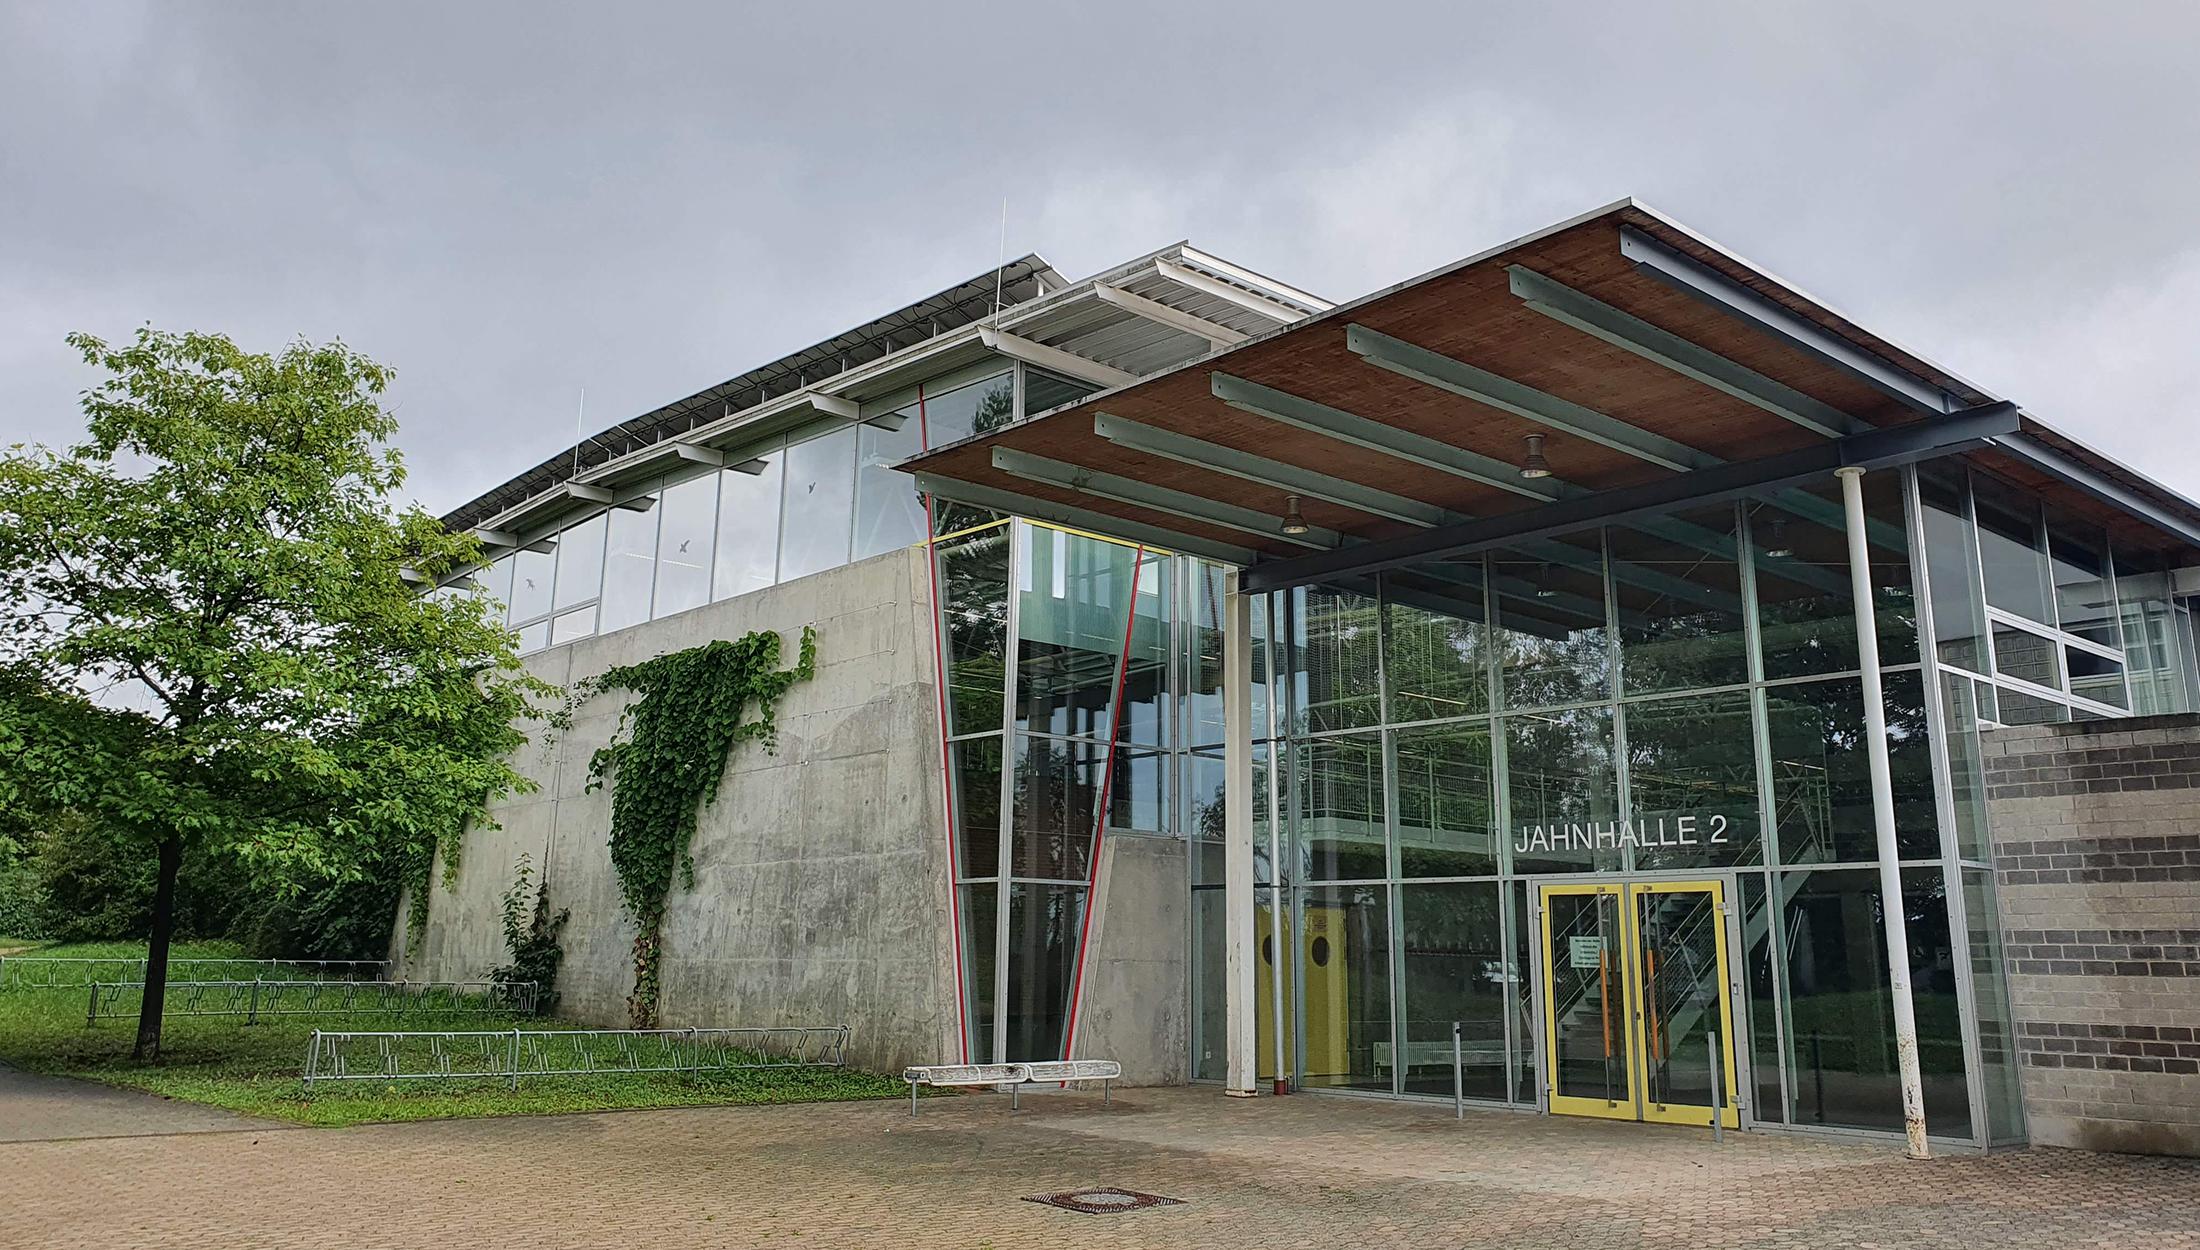 2020, Immobilienkonzept Turn- & Festhallen, Mössingen